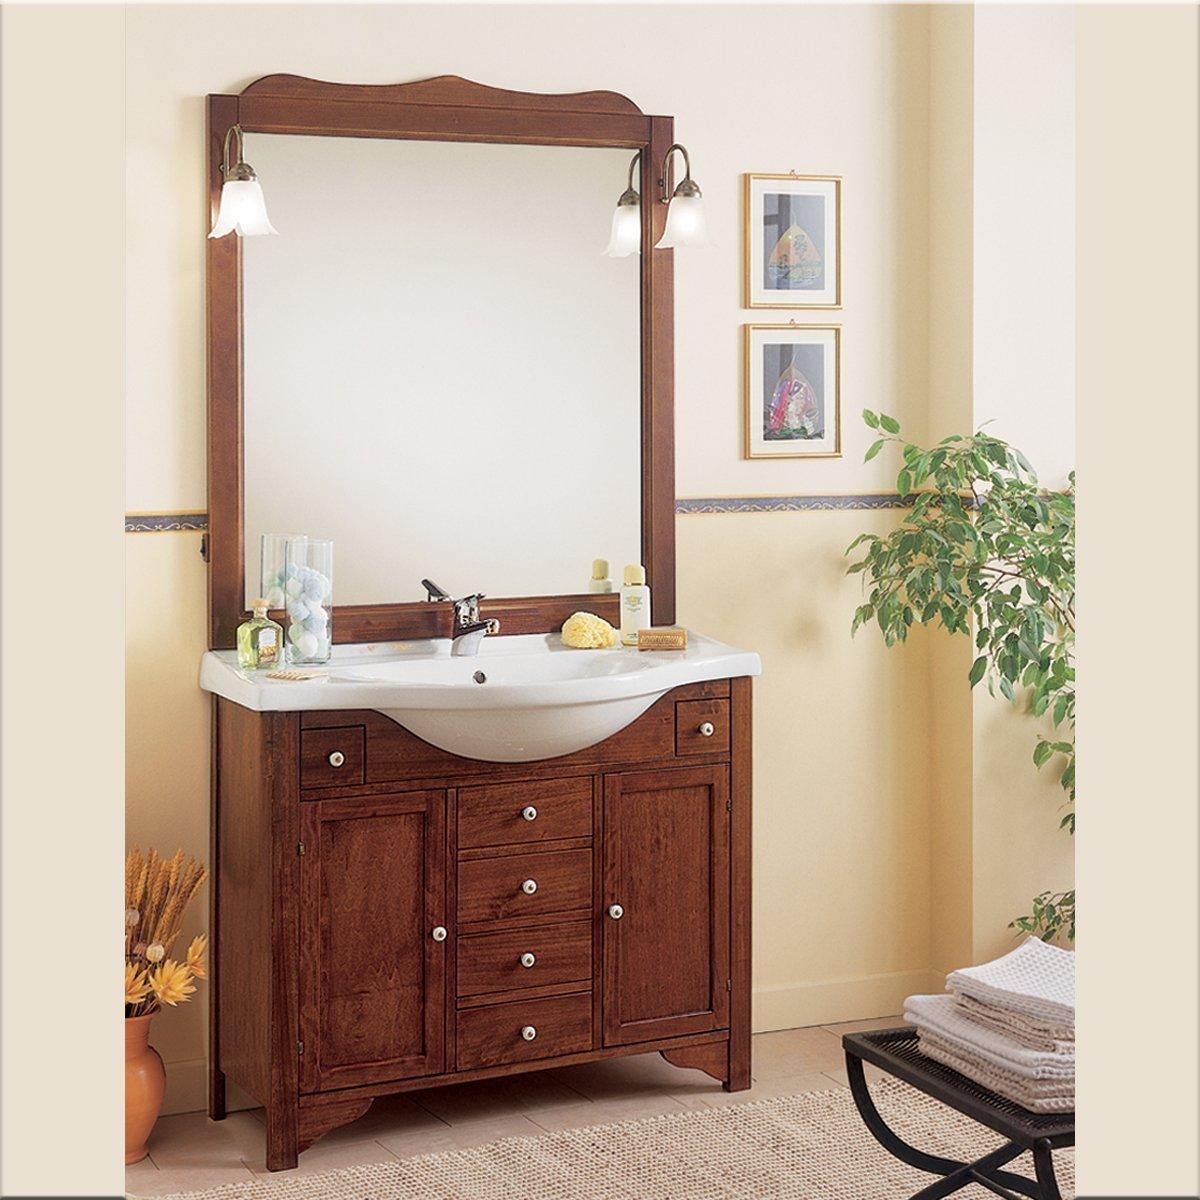 mobili bagno design promozione online prezzi e offerte ... - Arredo Bagno Offerte On Line